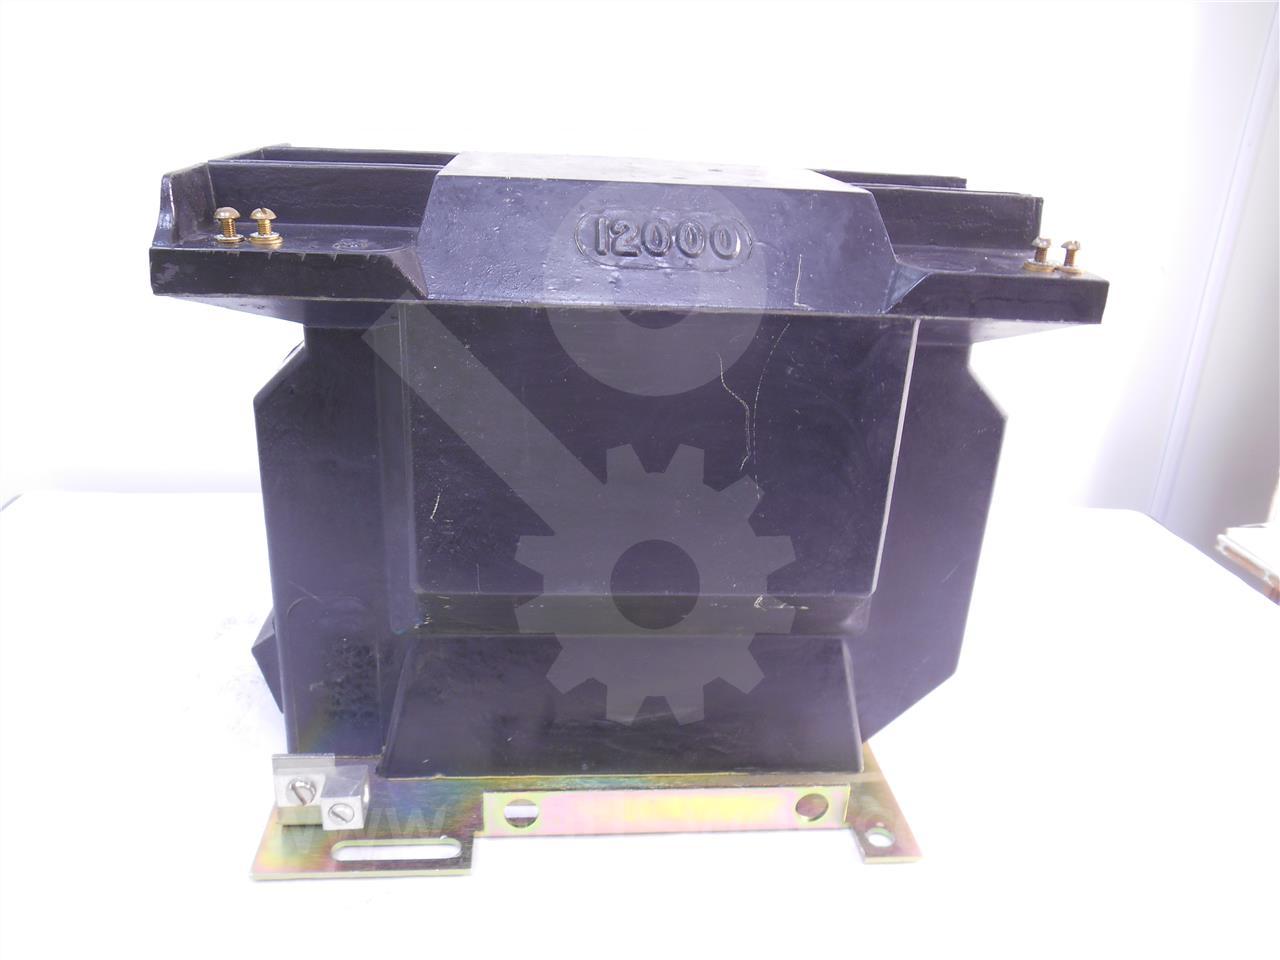 746C142A44 ABB 100:1 PT-15 POTENTIAL TRANSFORMER 15KV, 110KV BIL, 12000:120, DOUBLE FUSE